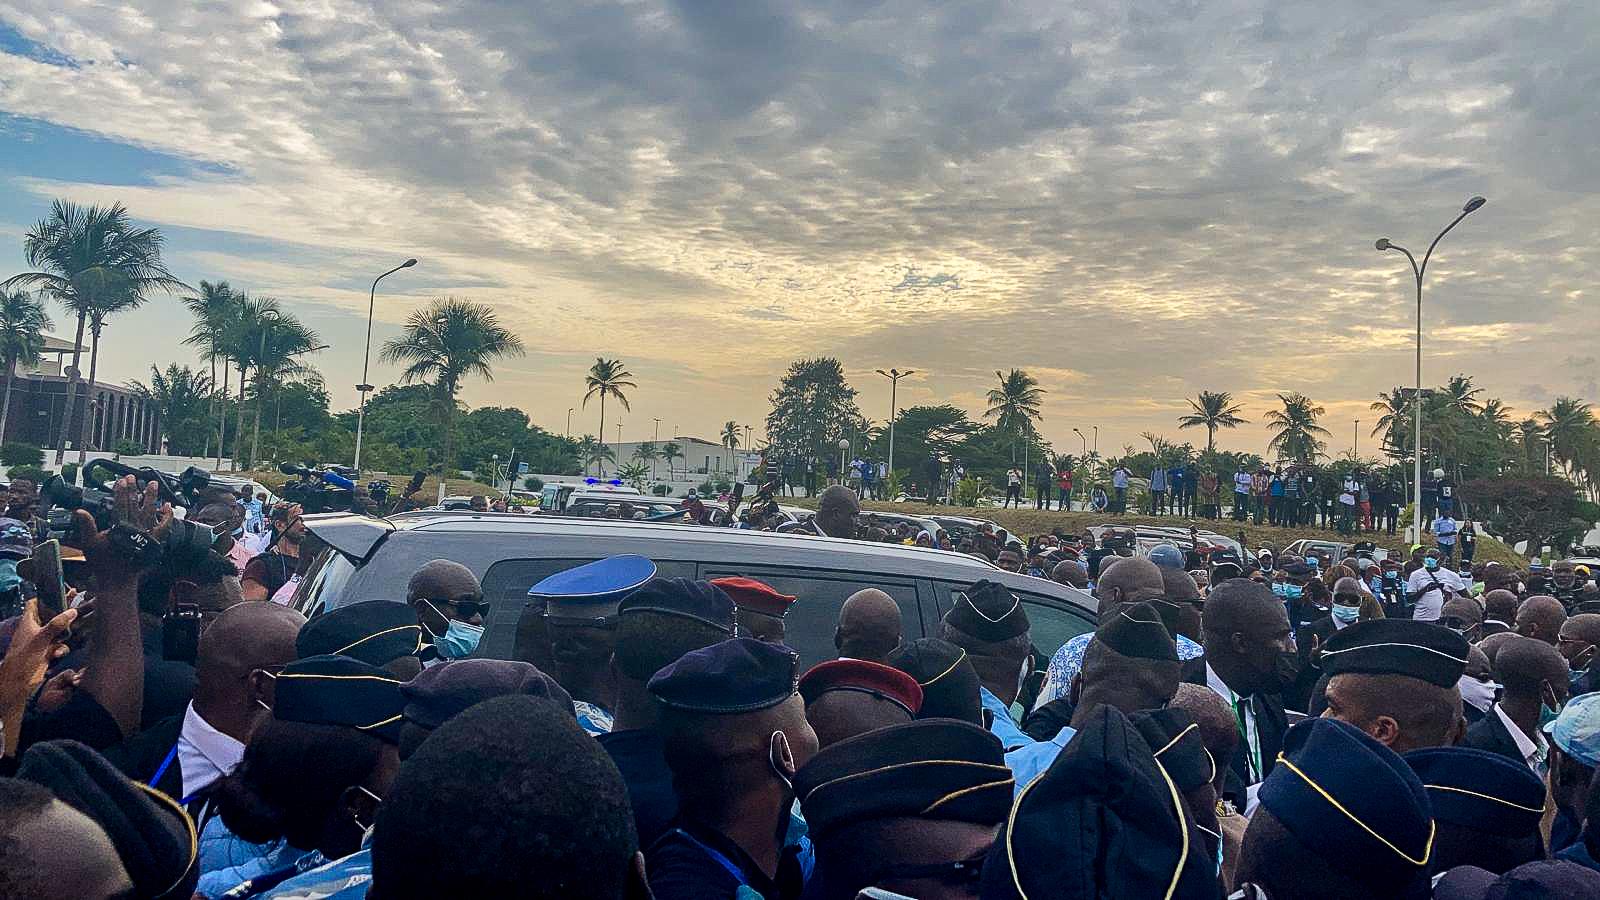 La voture dans laquelle Laurent Gbagbo a pris place, entourée par les partisans de l'ancien président ivoirien, à l'aéroport d'Abidjan le 17 juin 2021.